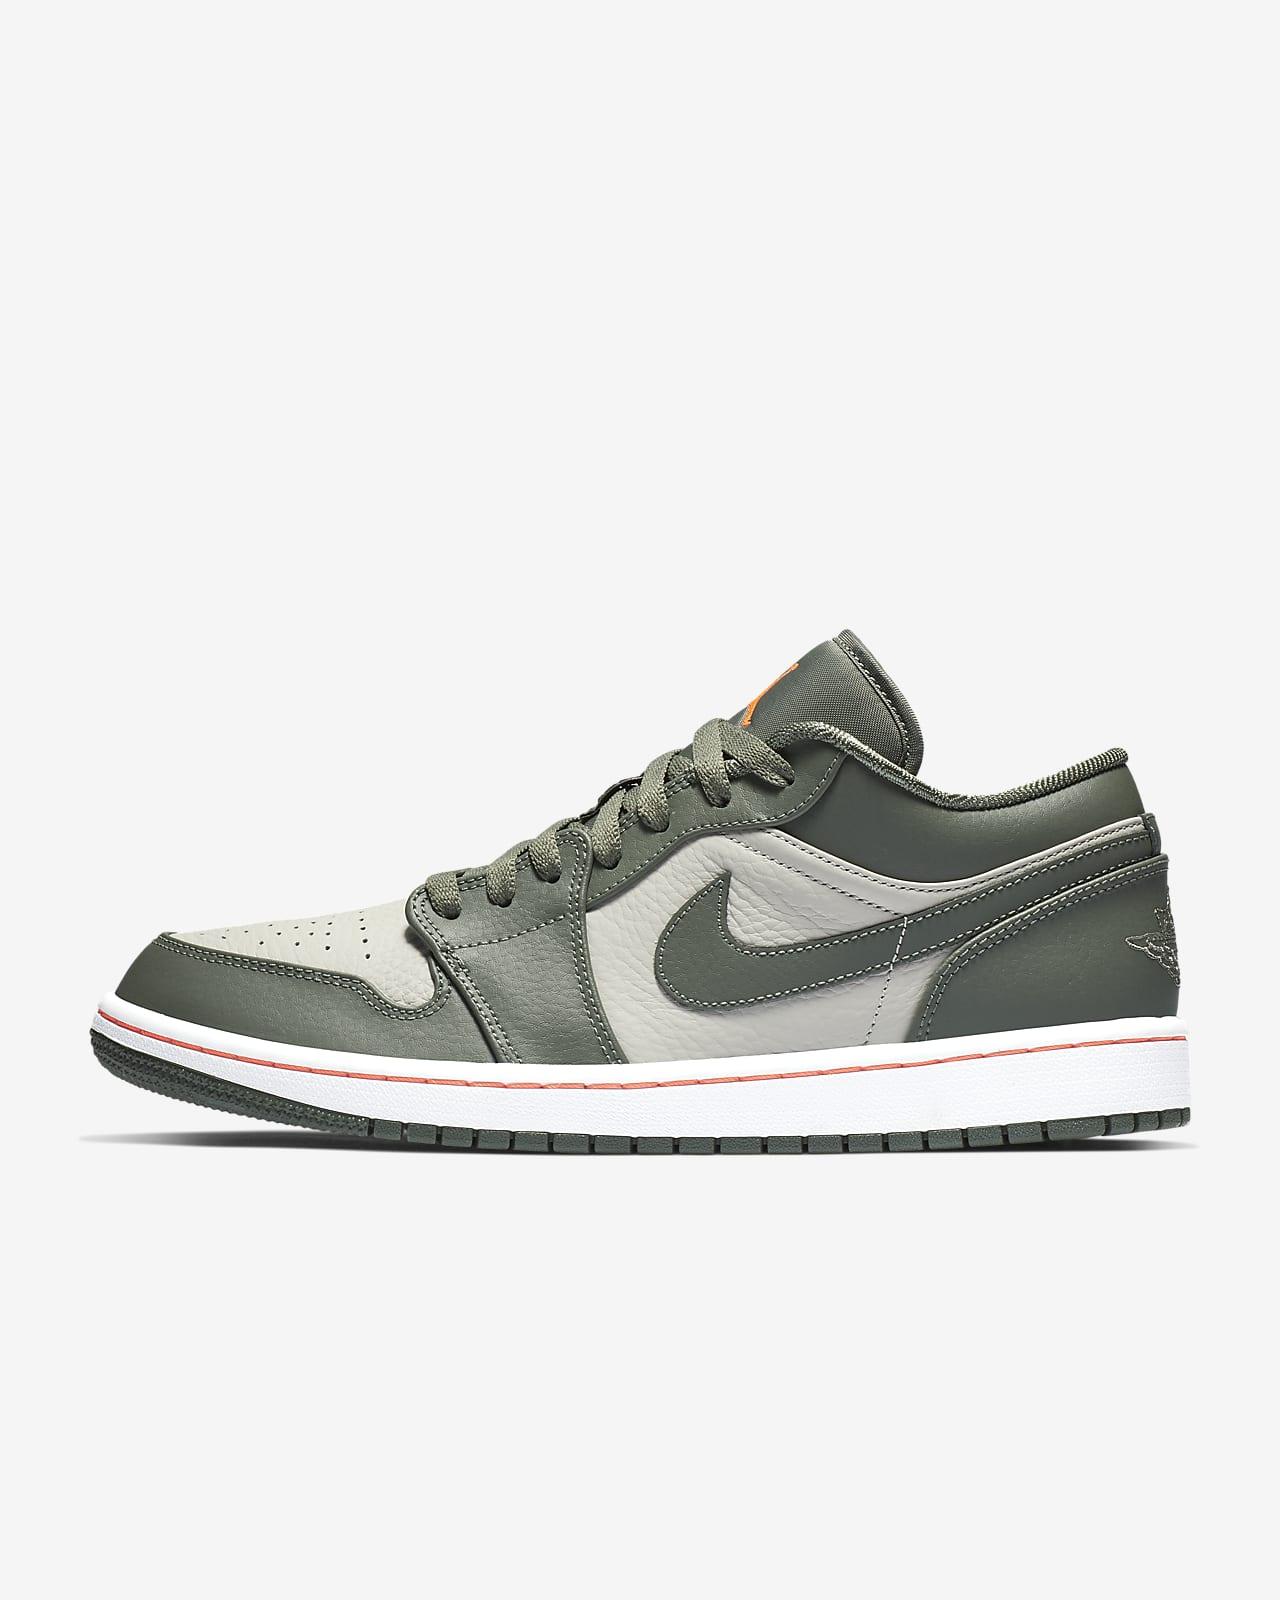 Air Jordan 1 Low 男子运动鞋